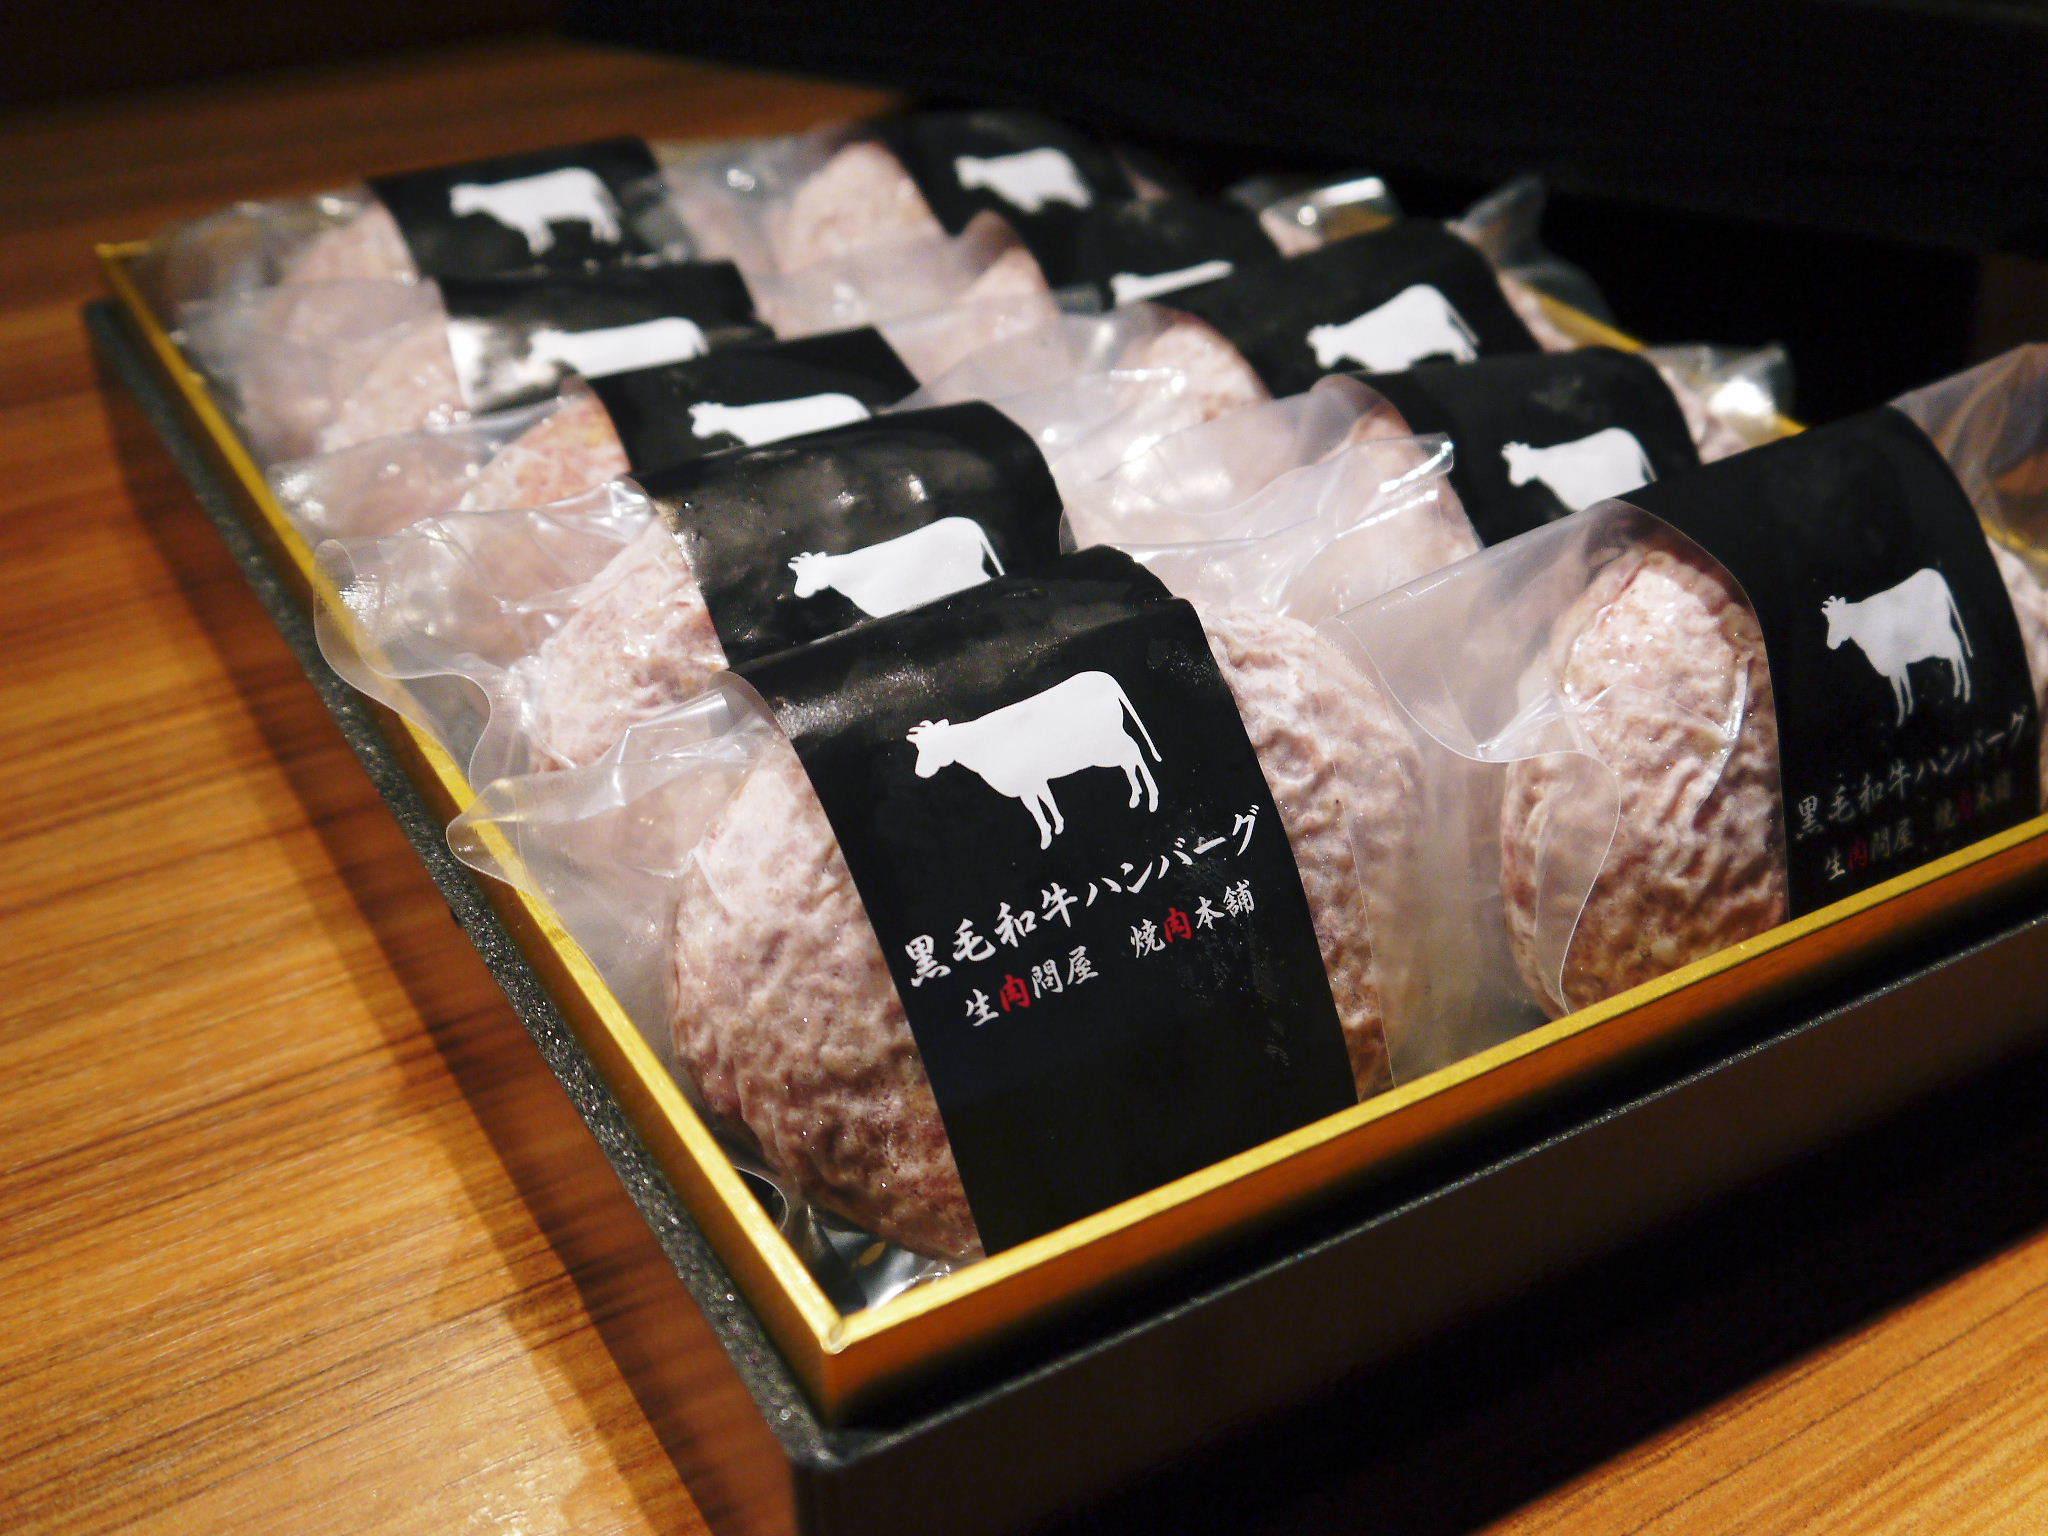 販売開始!熊本県産黒毛和牛100%のハンバーグステーキ その美味さの秘密と商品ラインナップの紹介!_a0254656_20305967.jpg